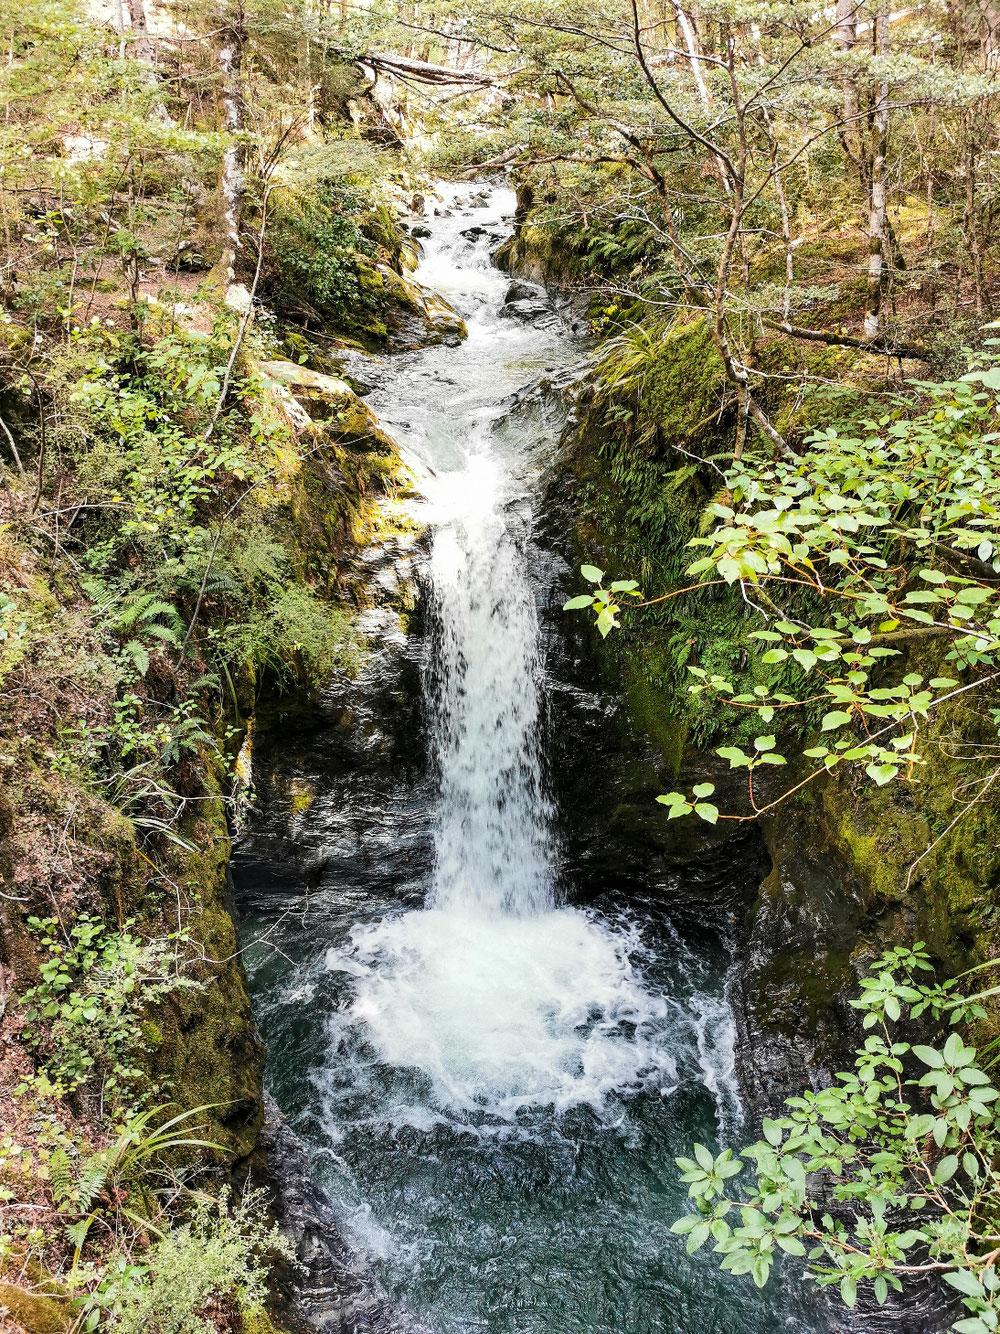 Wasserfälle gibt's auch überall zu bestaunen